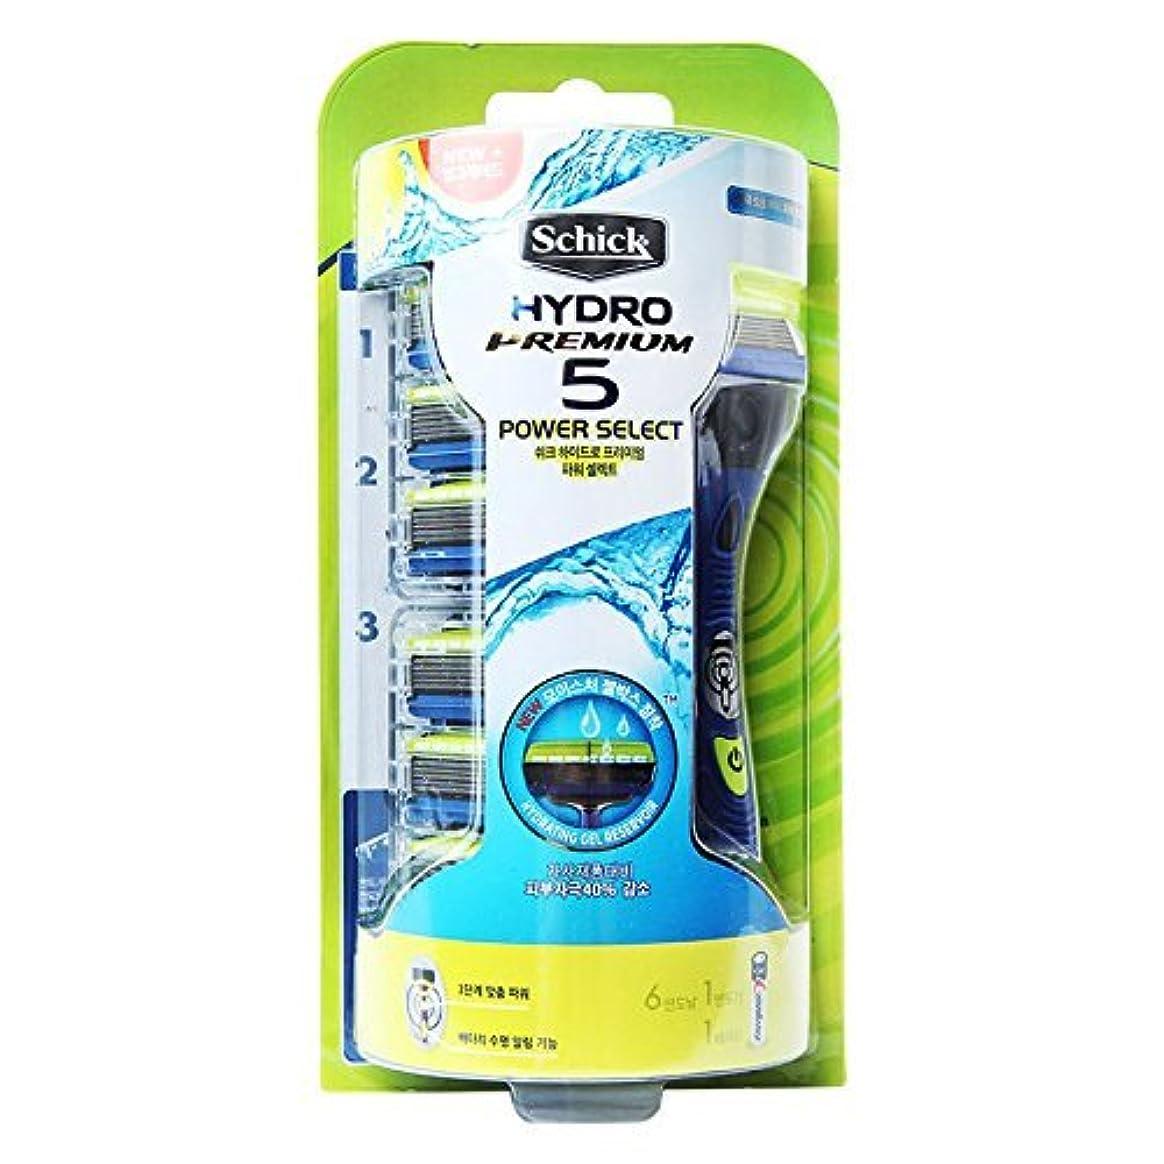 見物人ペッカディロ息苦しいSchick HYDRO 5 Premium Power Select Razor / カミソリの刃6個が含ま [並行輸入品]